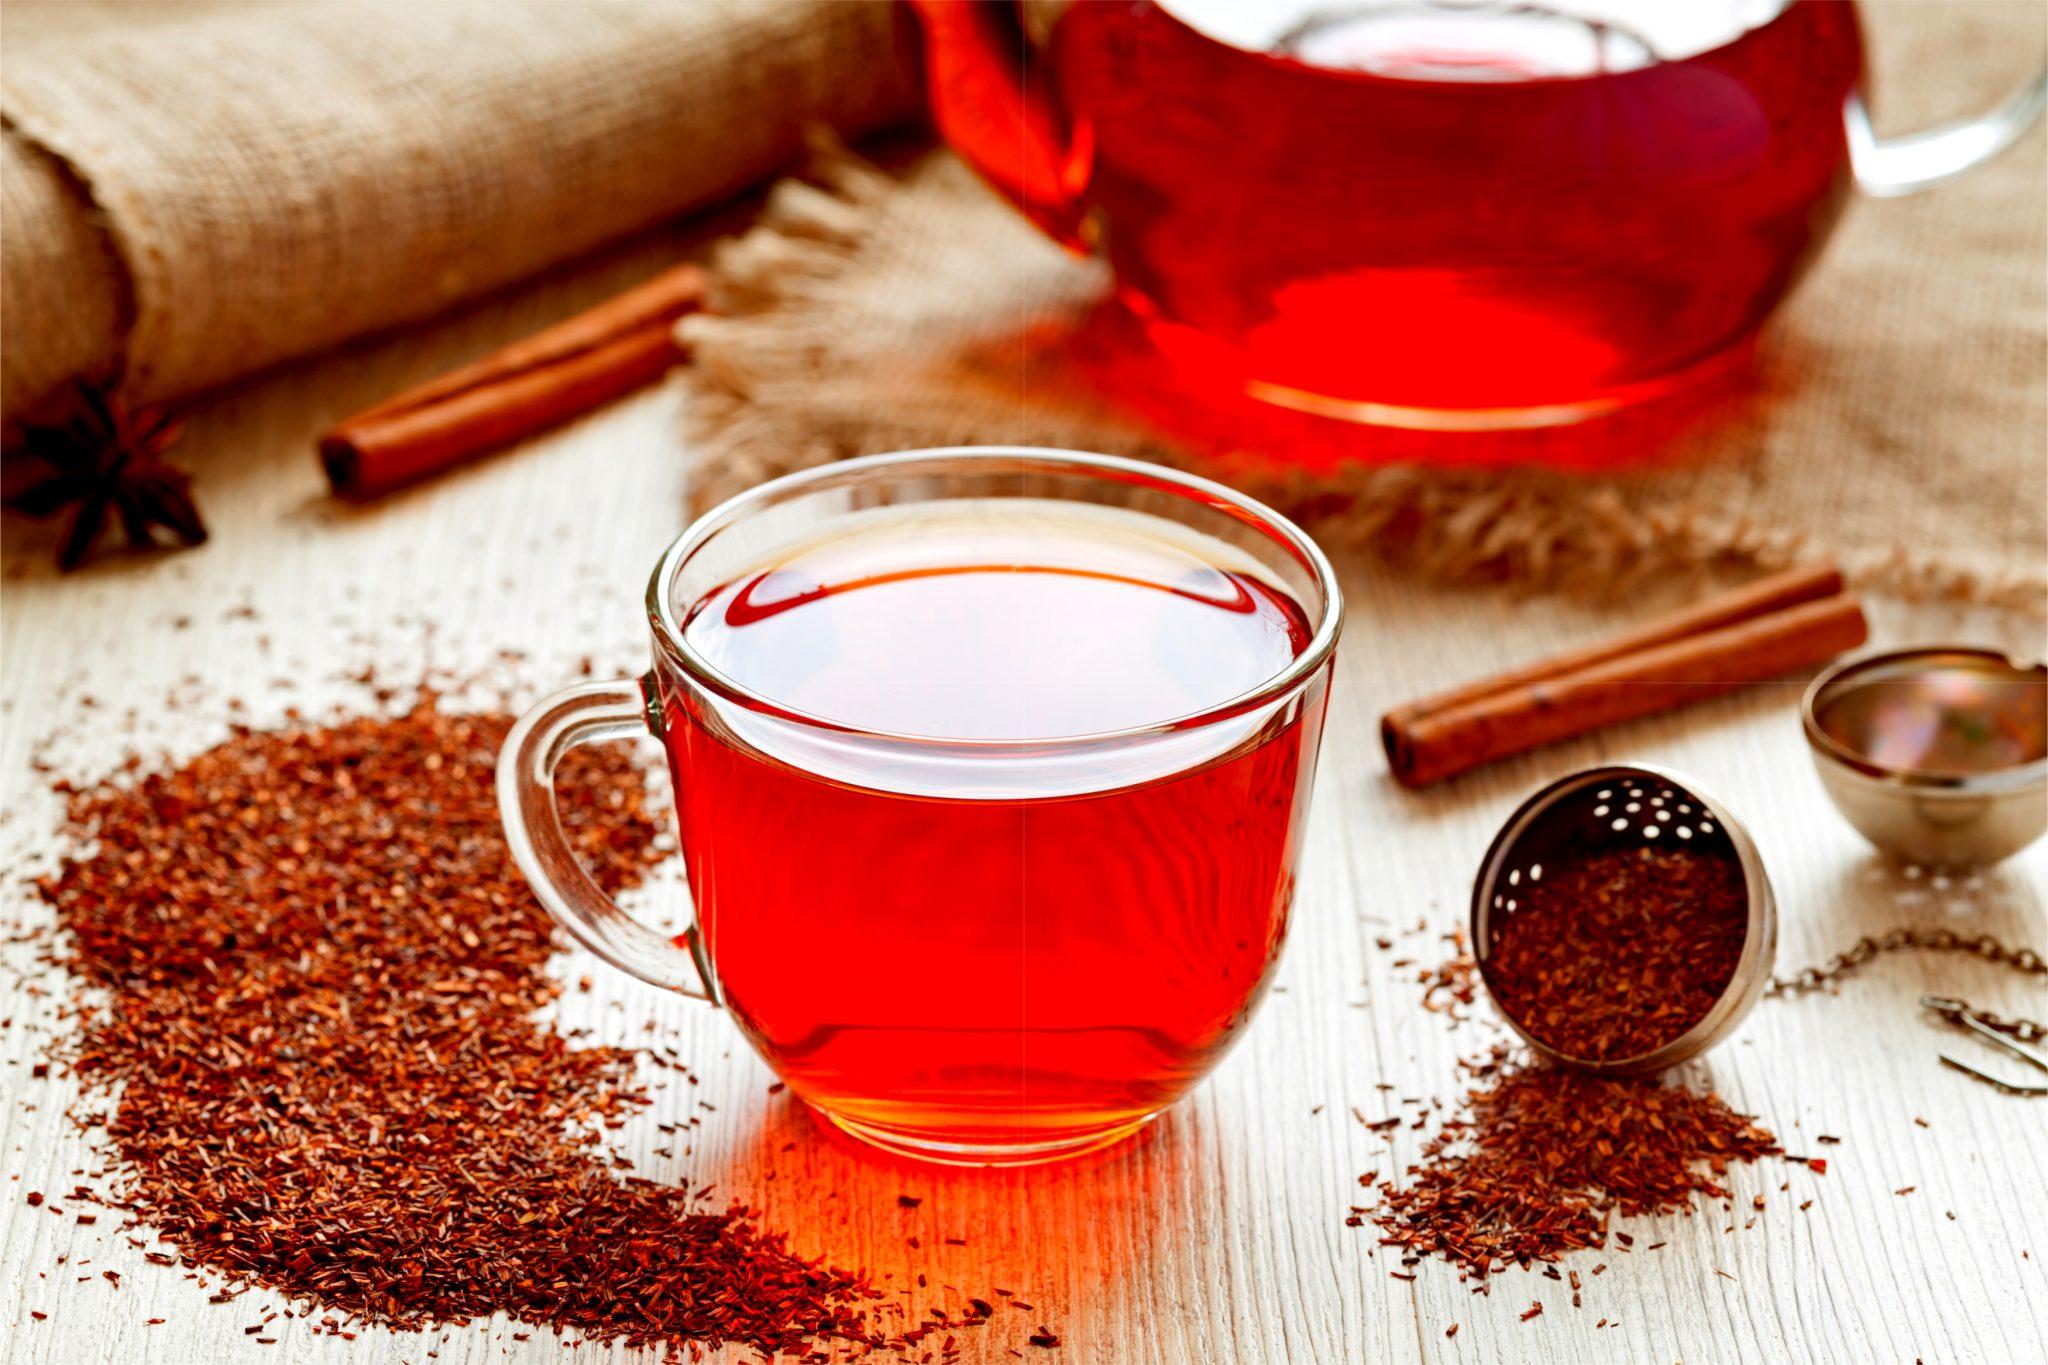 ルイボスティーとルイボスティーの茶葉